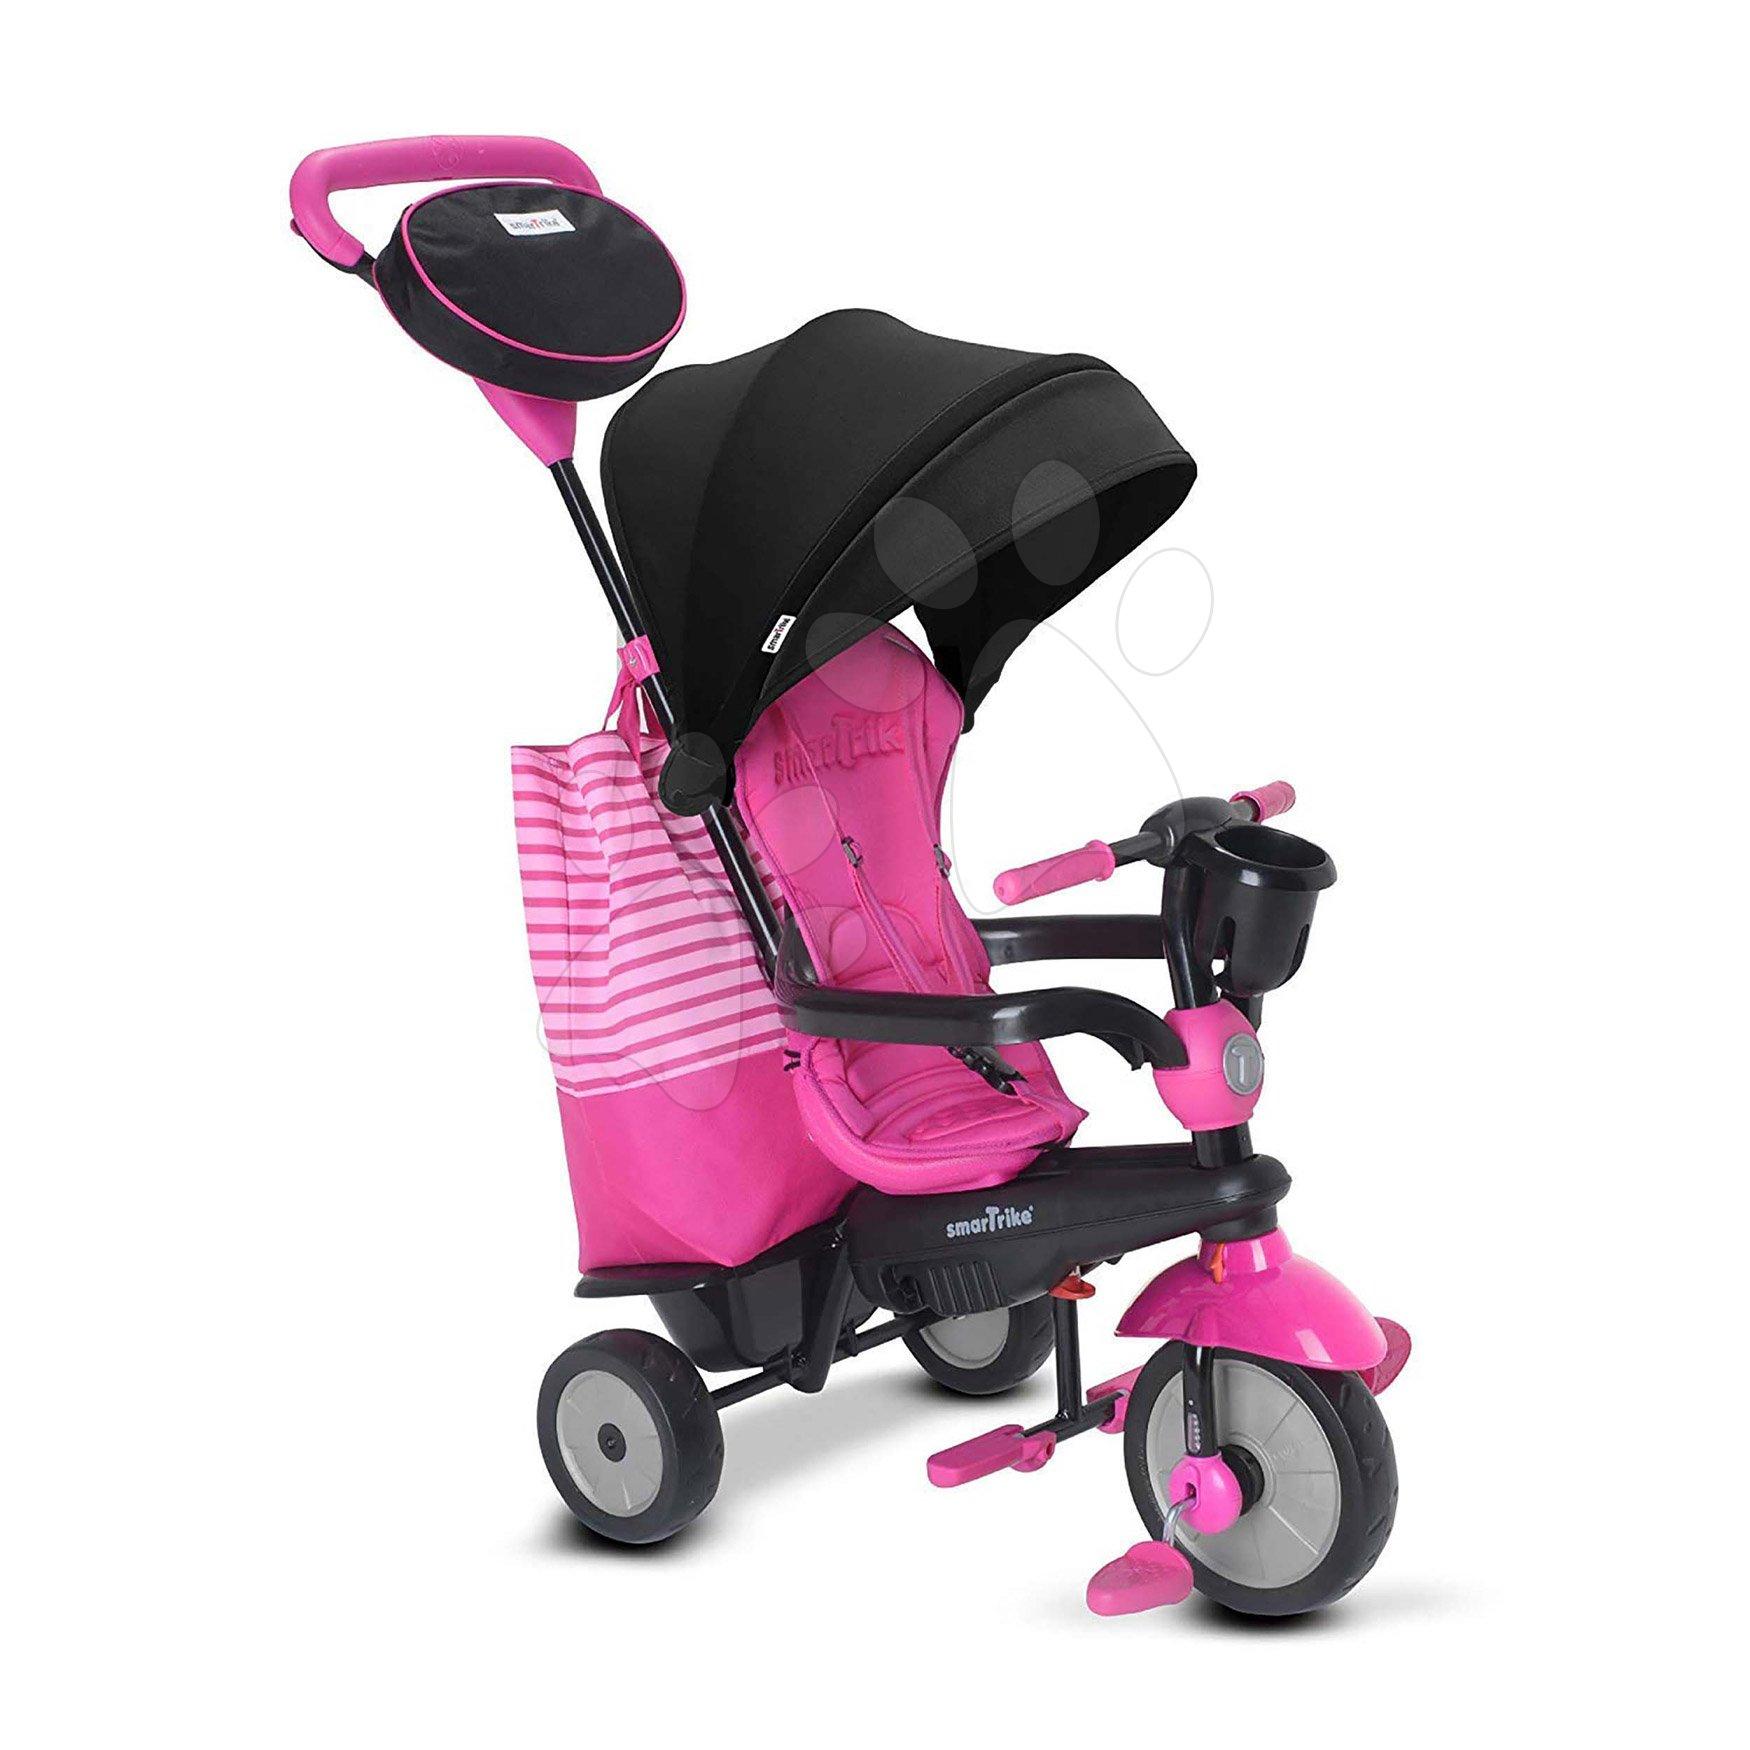 Tříkolka SWING DLX 4v1 Pink TouchSteering smarTrike s tlumičem a volnoběhem + UV filtr růžová od 10 měsíců